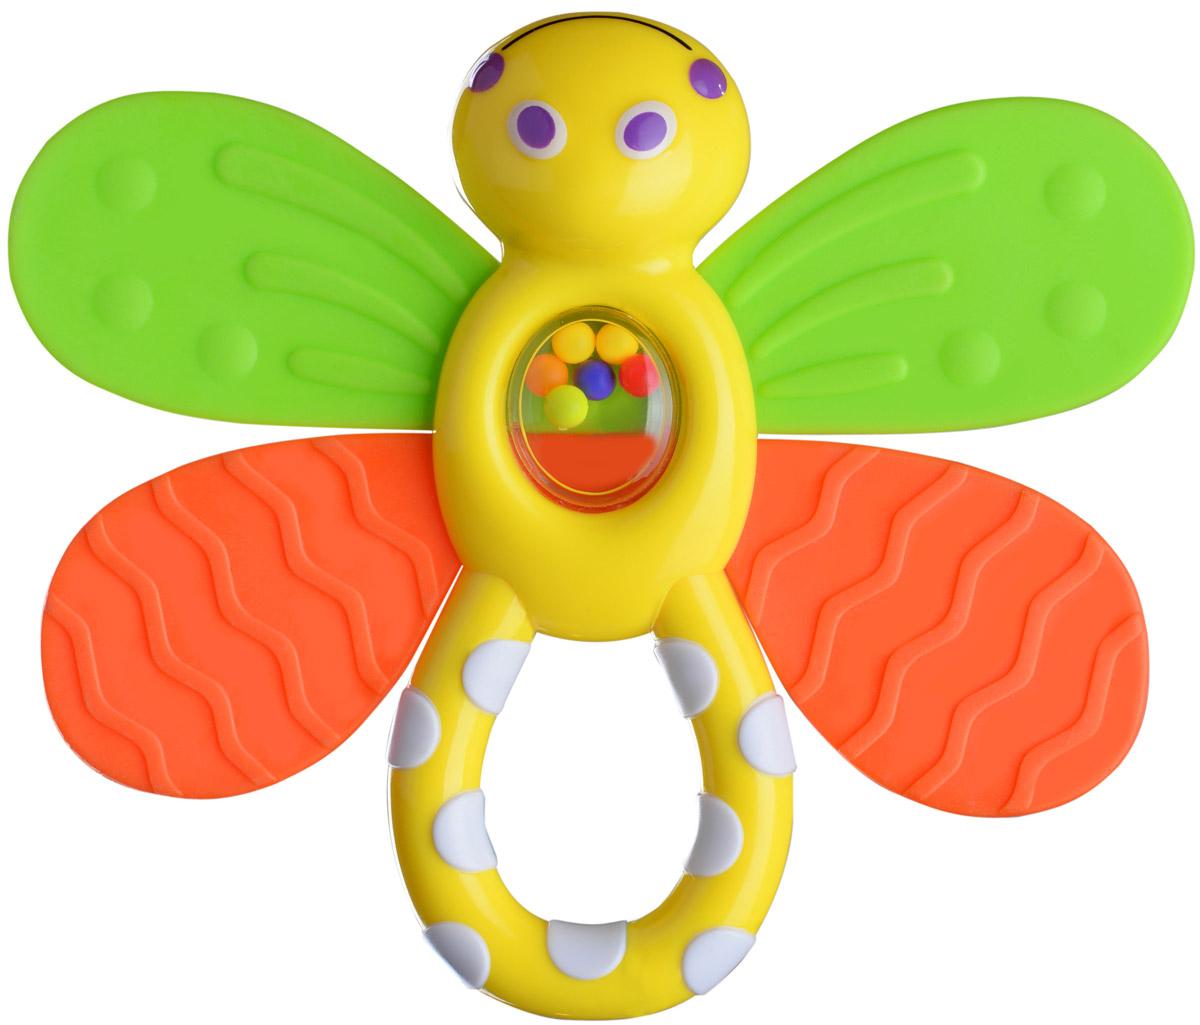 BabyOno Прорезыватель Стрекозка975Прорезыватель - одна из важных игрушек на этапе младенчества. Он помогает разрабатывать жевательные навыки и мимику. Прорезыватель BabyOno Стрекозка - яркая и интересная игрушка, которая займет малютку на долгое время, а вам позволит отдохнуть. Центральная часть игрушки наполнена цветными шариками. Малыш с удовольствием будет исследовать новую форму, наслаждаясь красивыми цветами. Не содержит бисфенол А. Товар сертифицирован.